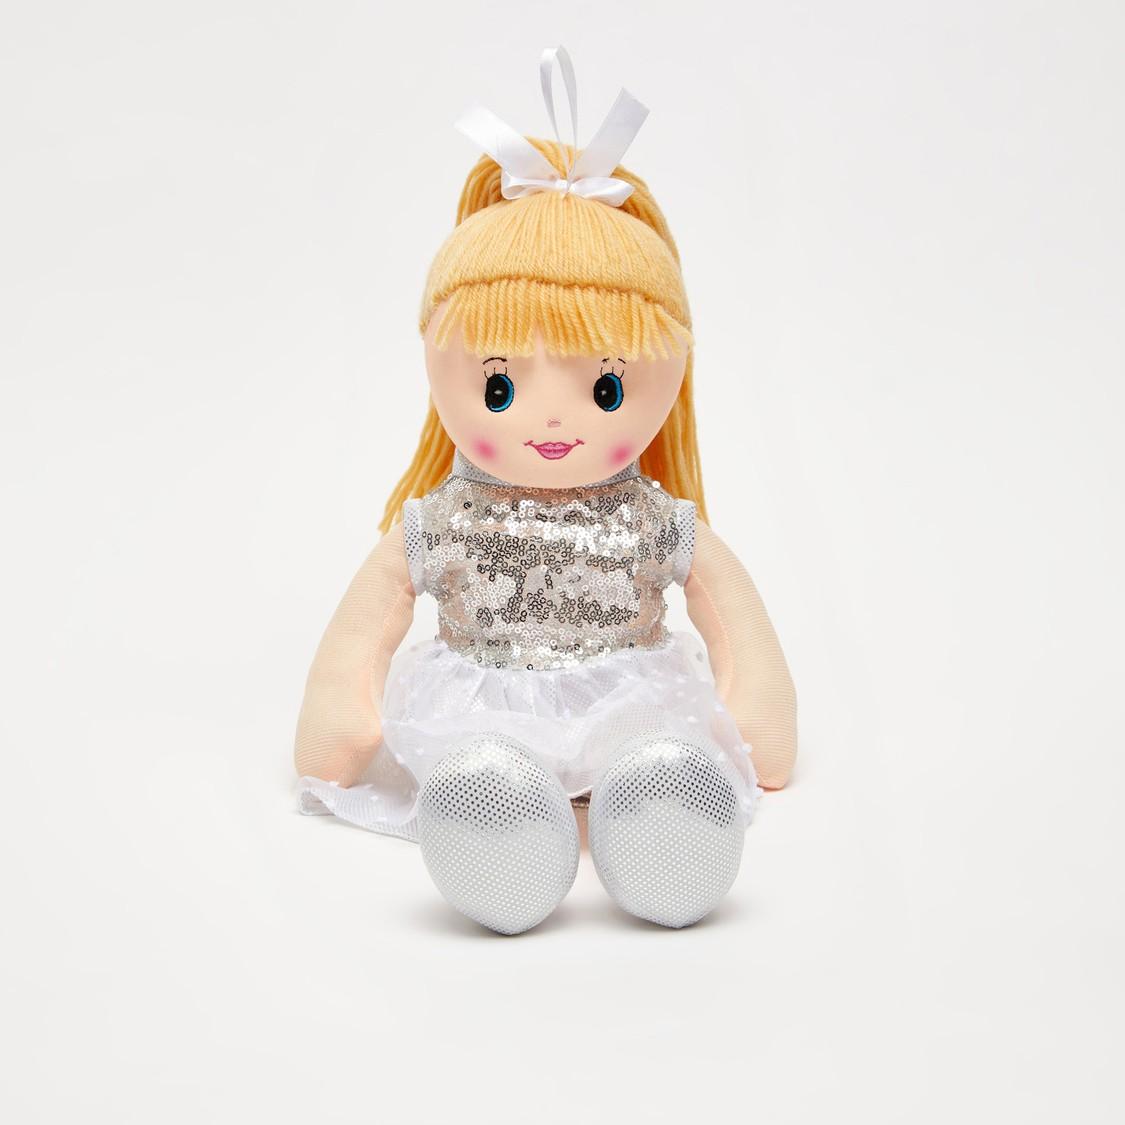 Rag Doll in Embellished Dress